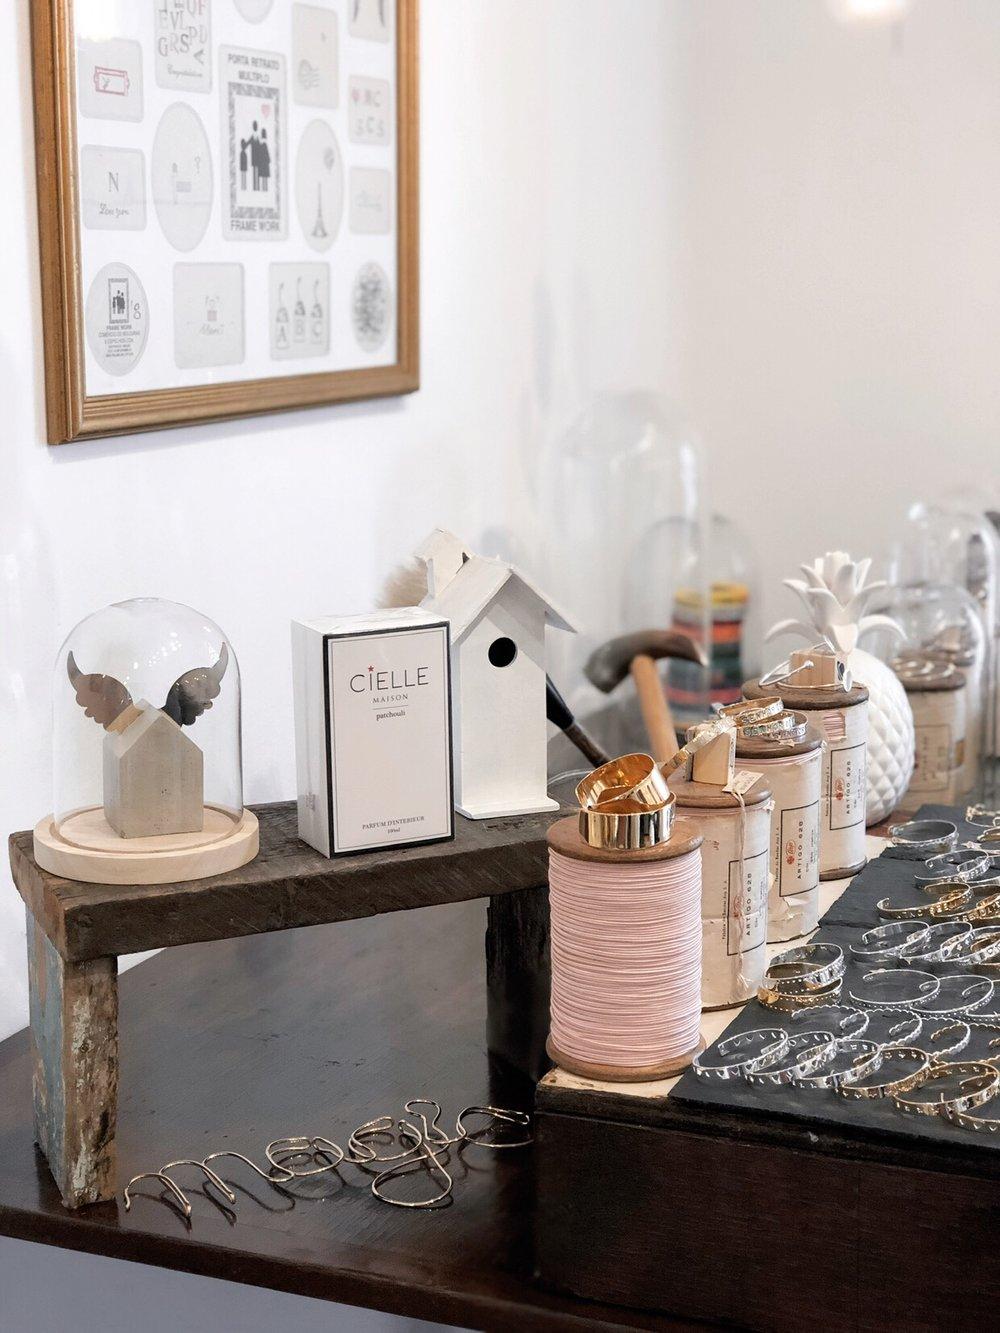 maison-cielle-design-bijoux-lolla26.JPG